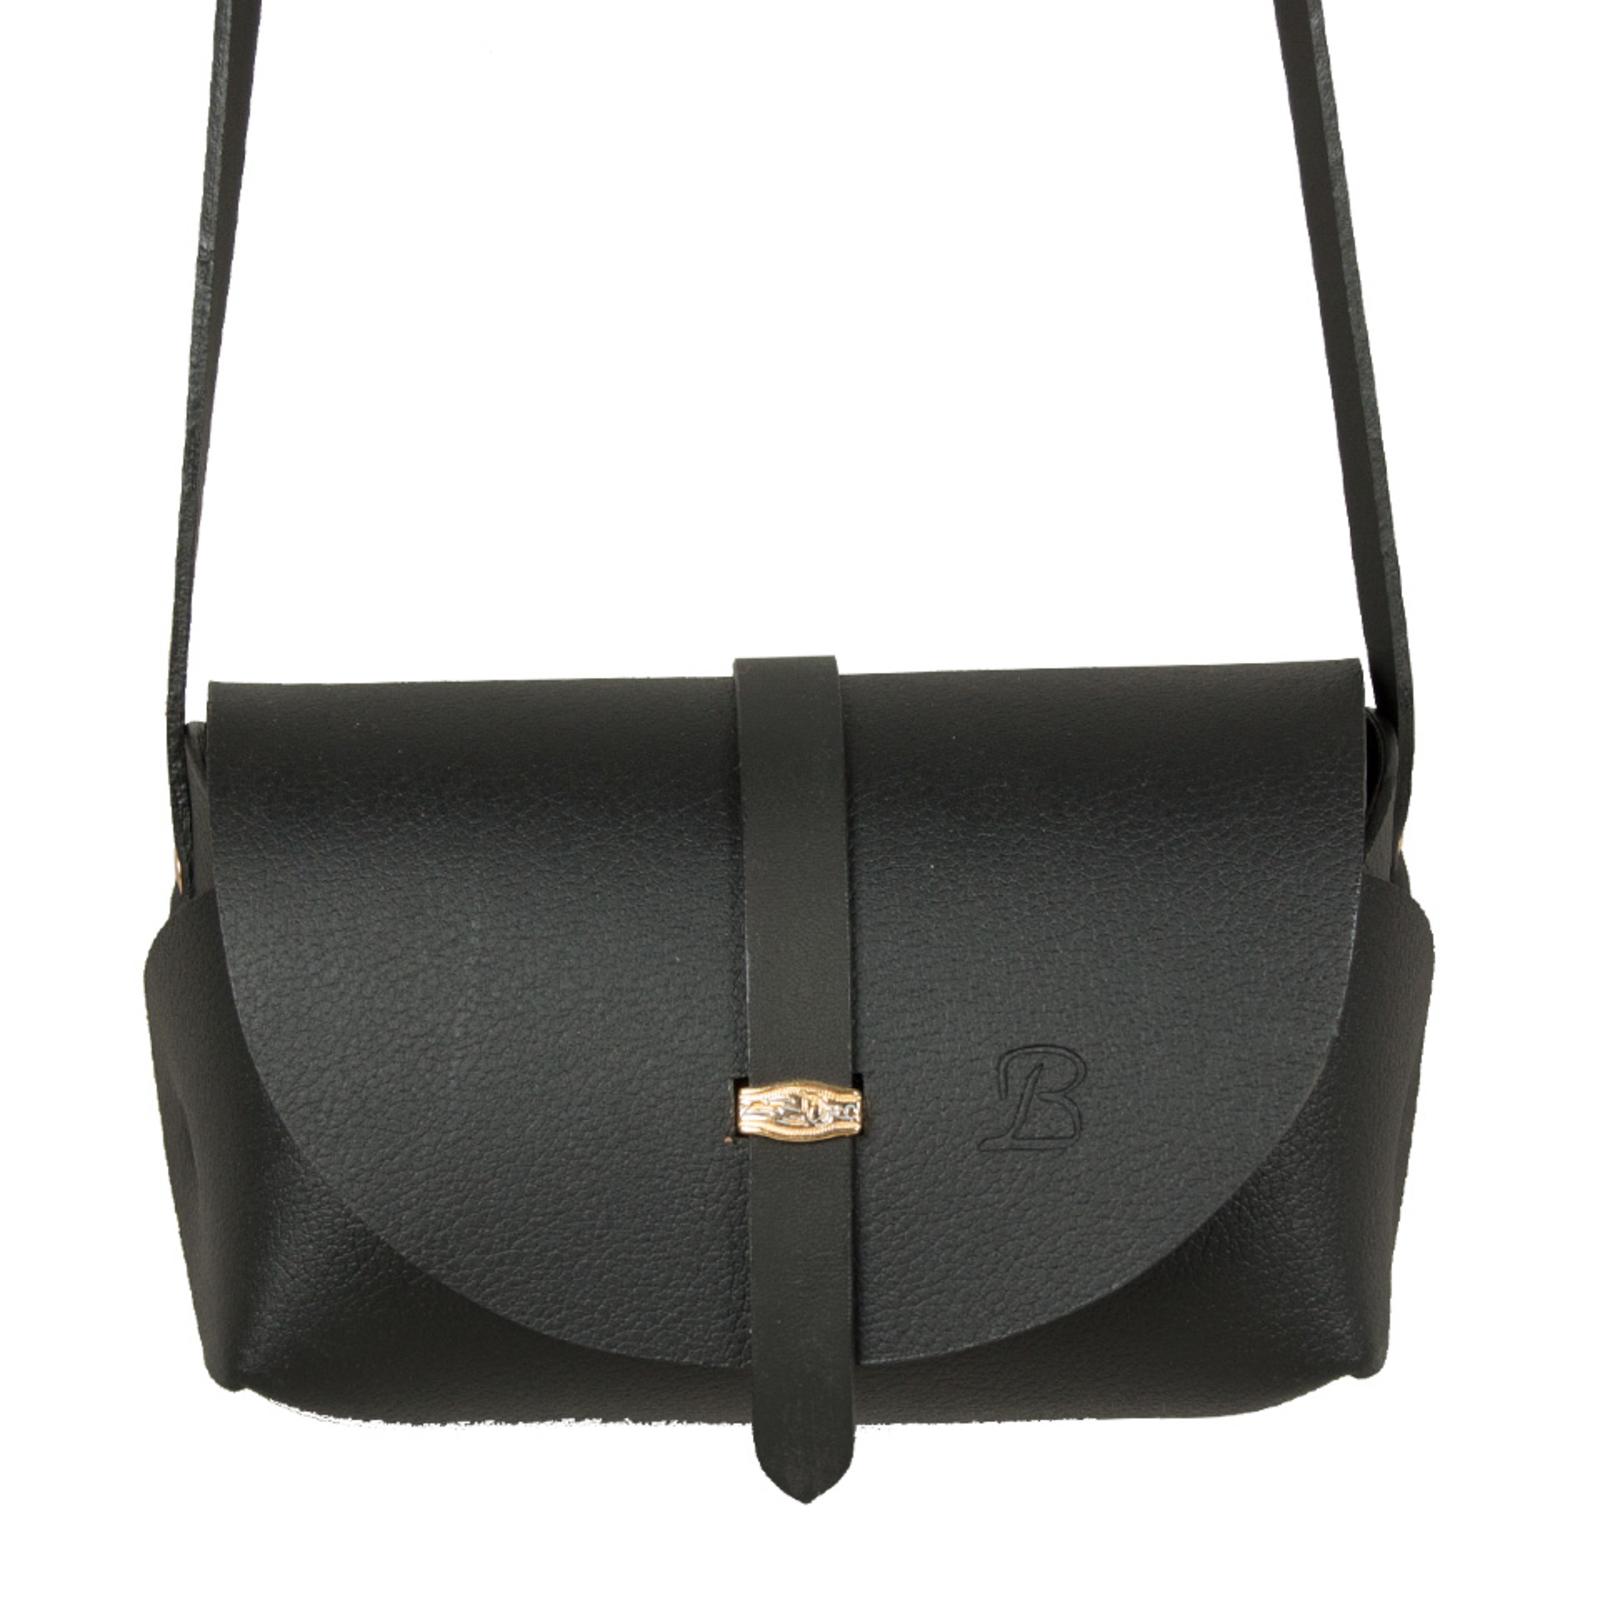 1a0f7b856 Bolsa Feminina La Bijorca Couro Transversal Pequena Preta | Products ...